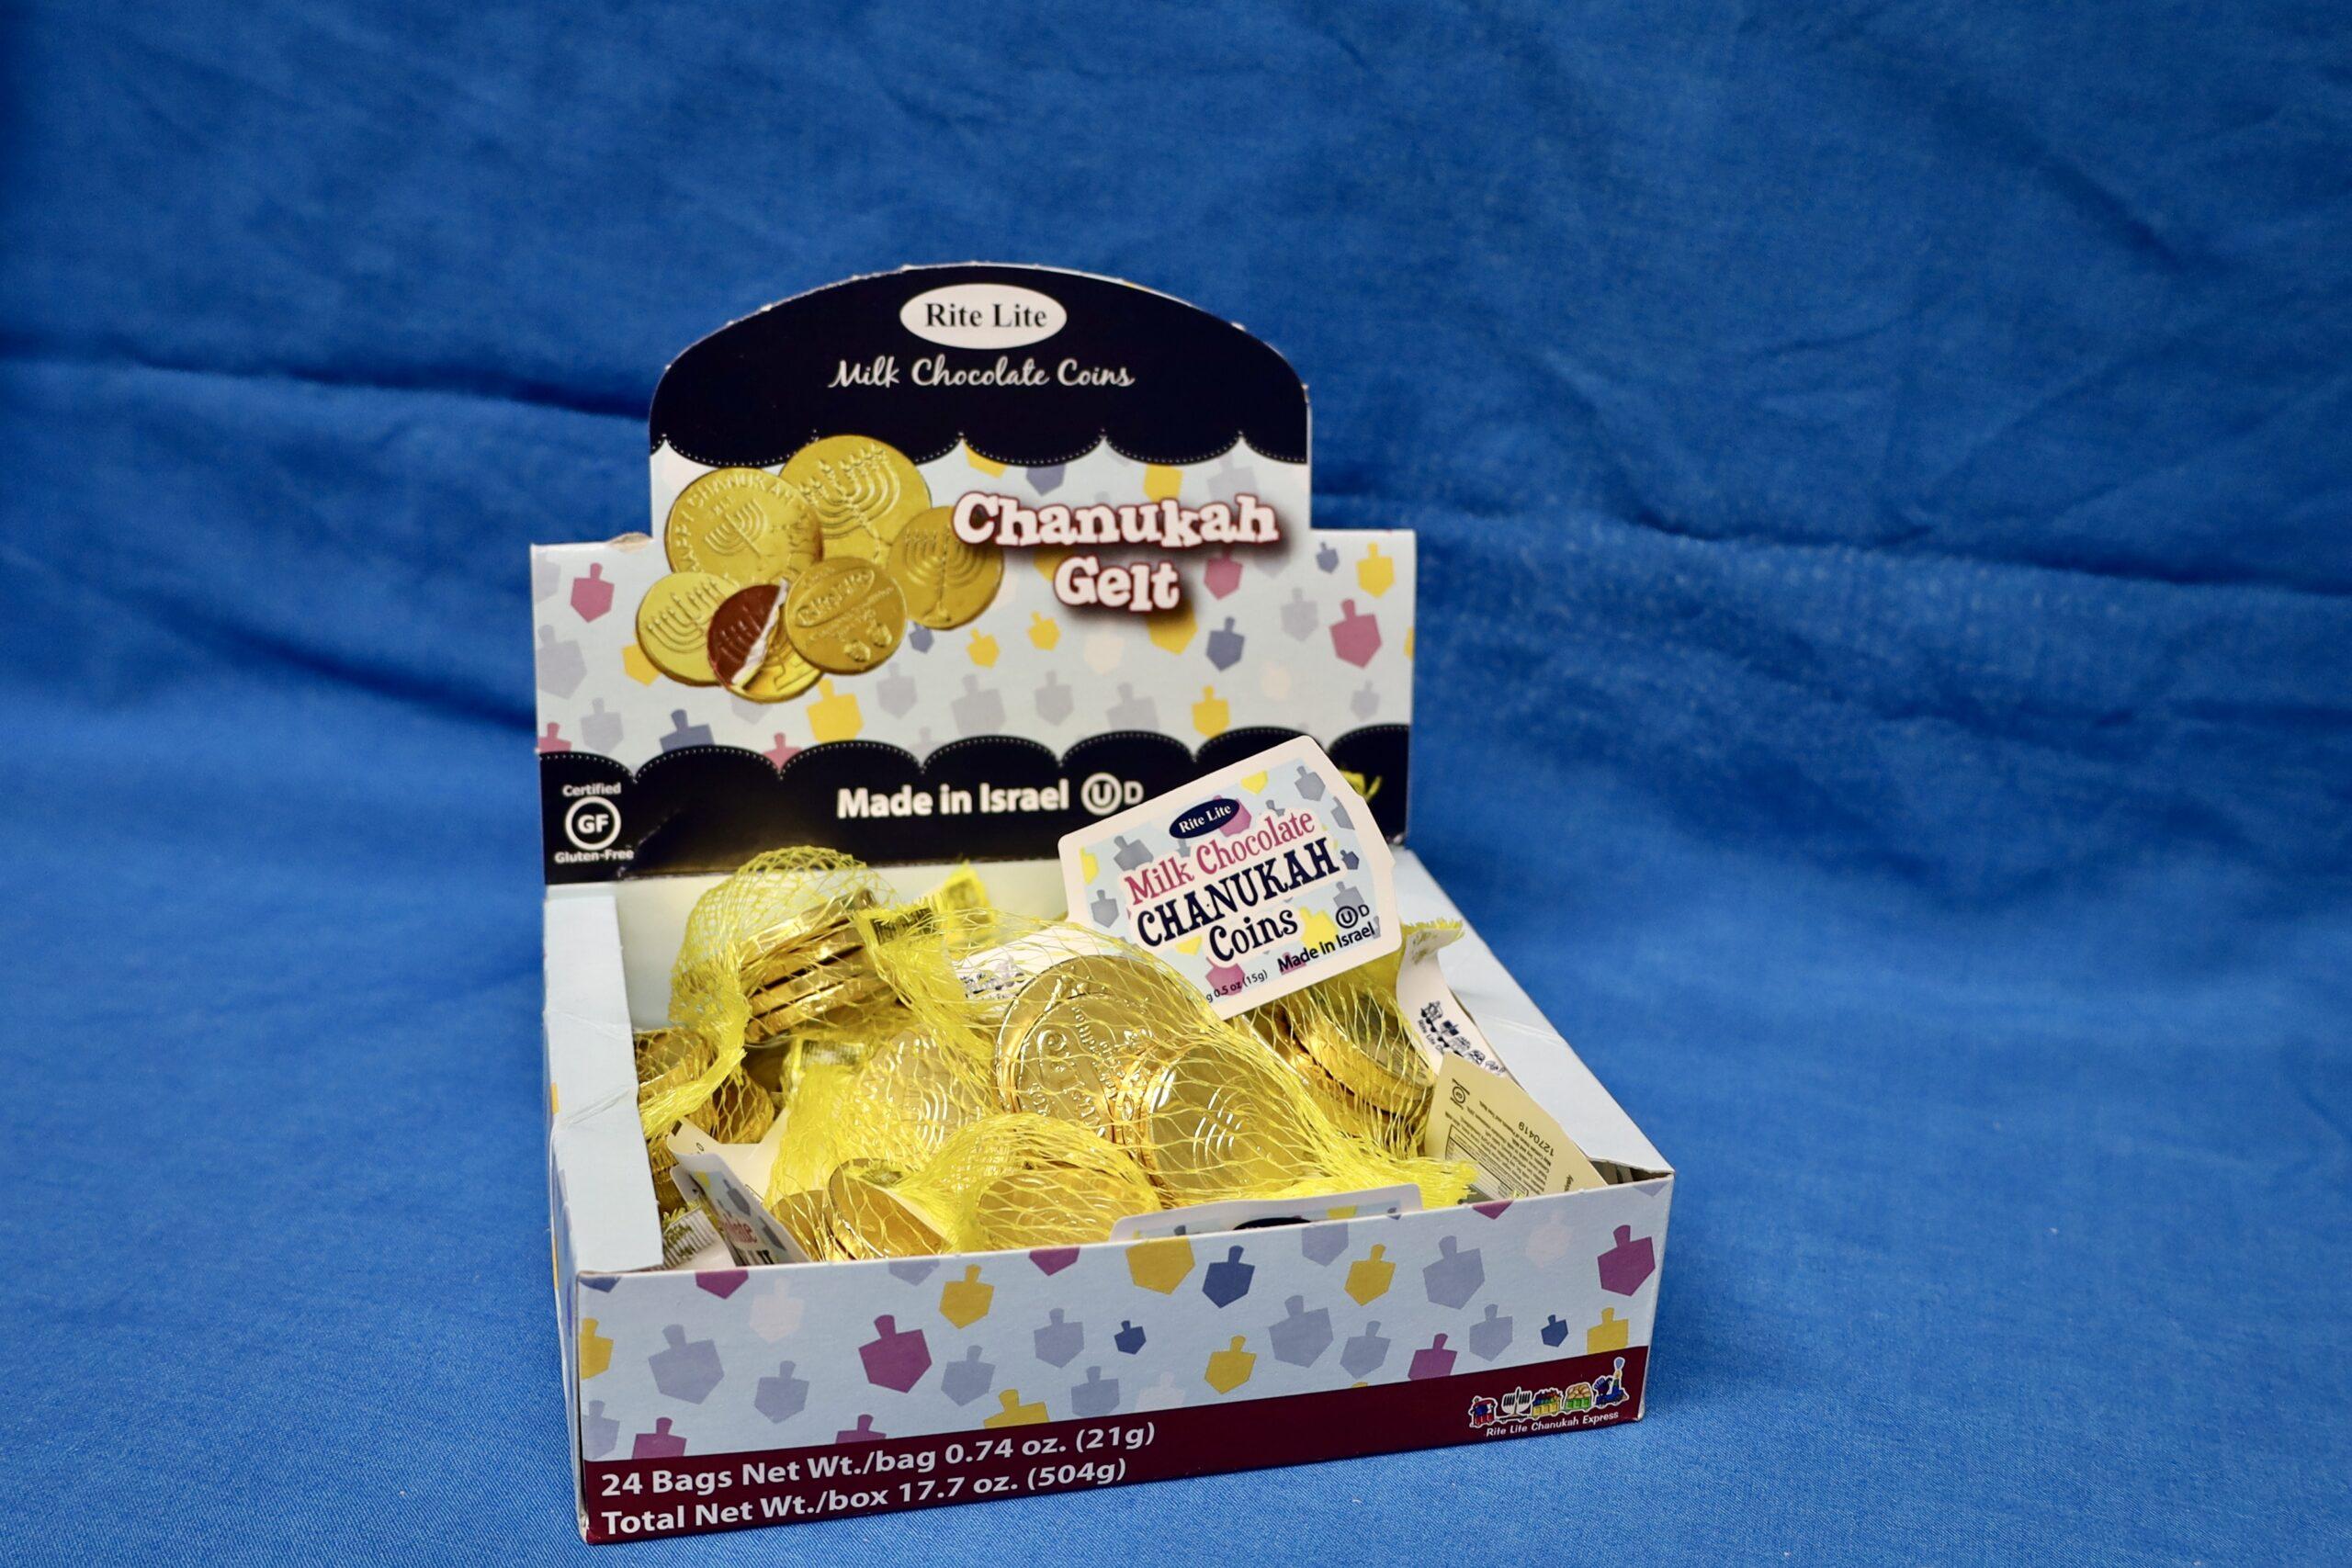 Hanukkah gelt $1 each bag (24 available)